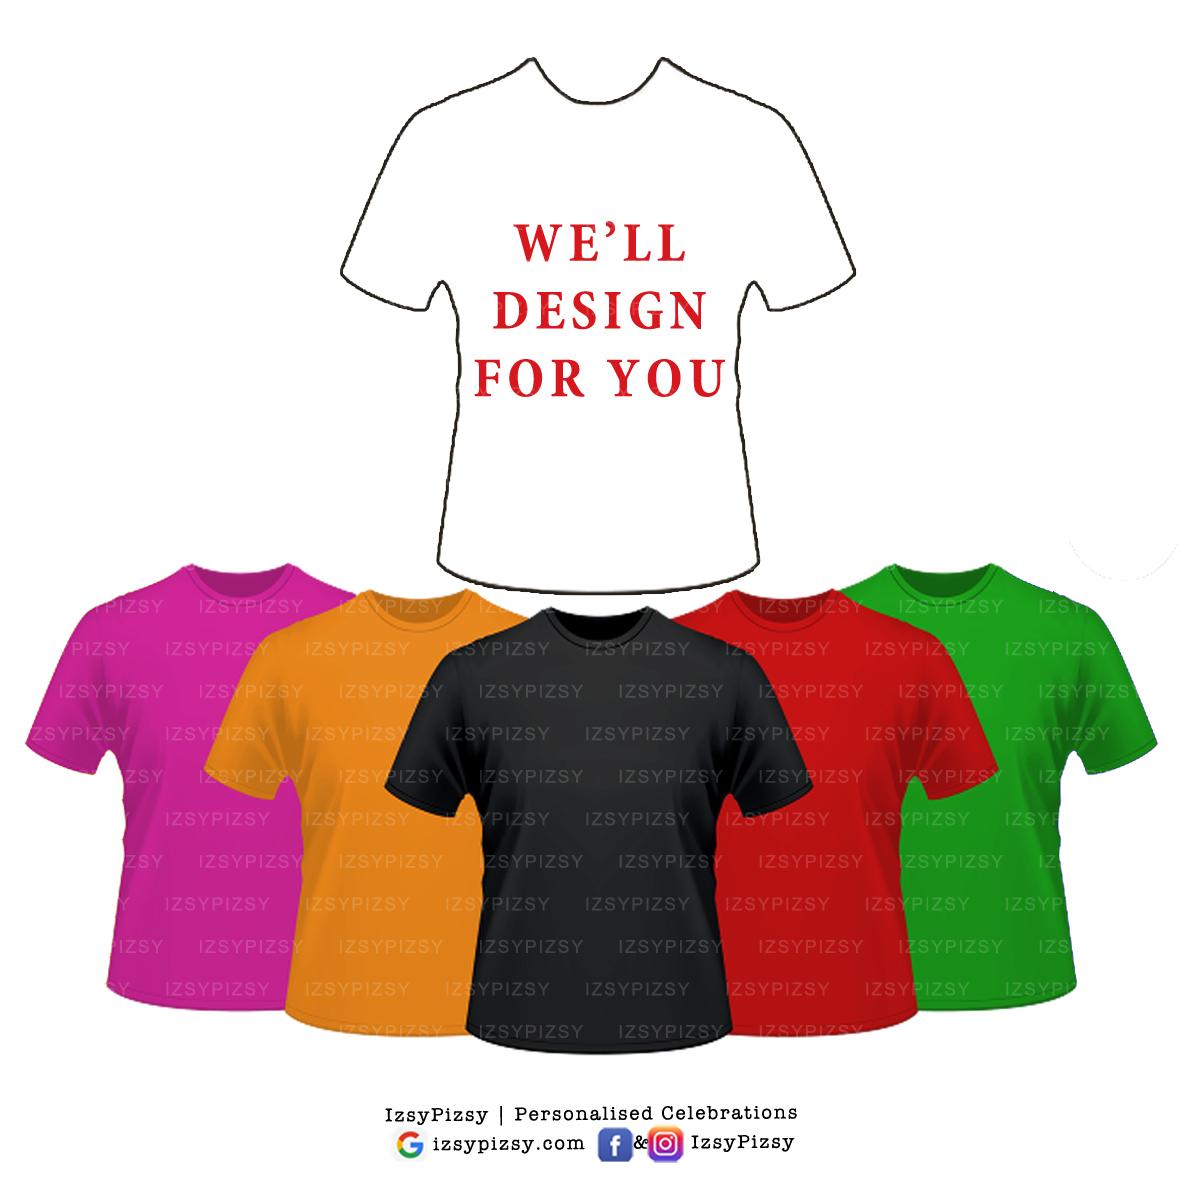 Tshirts